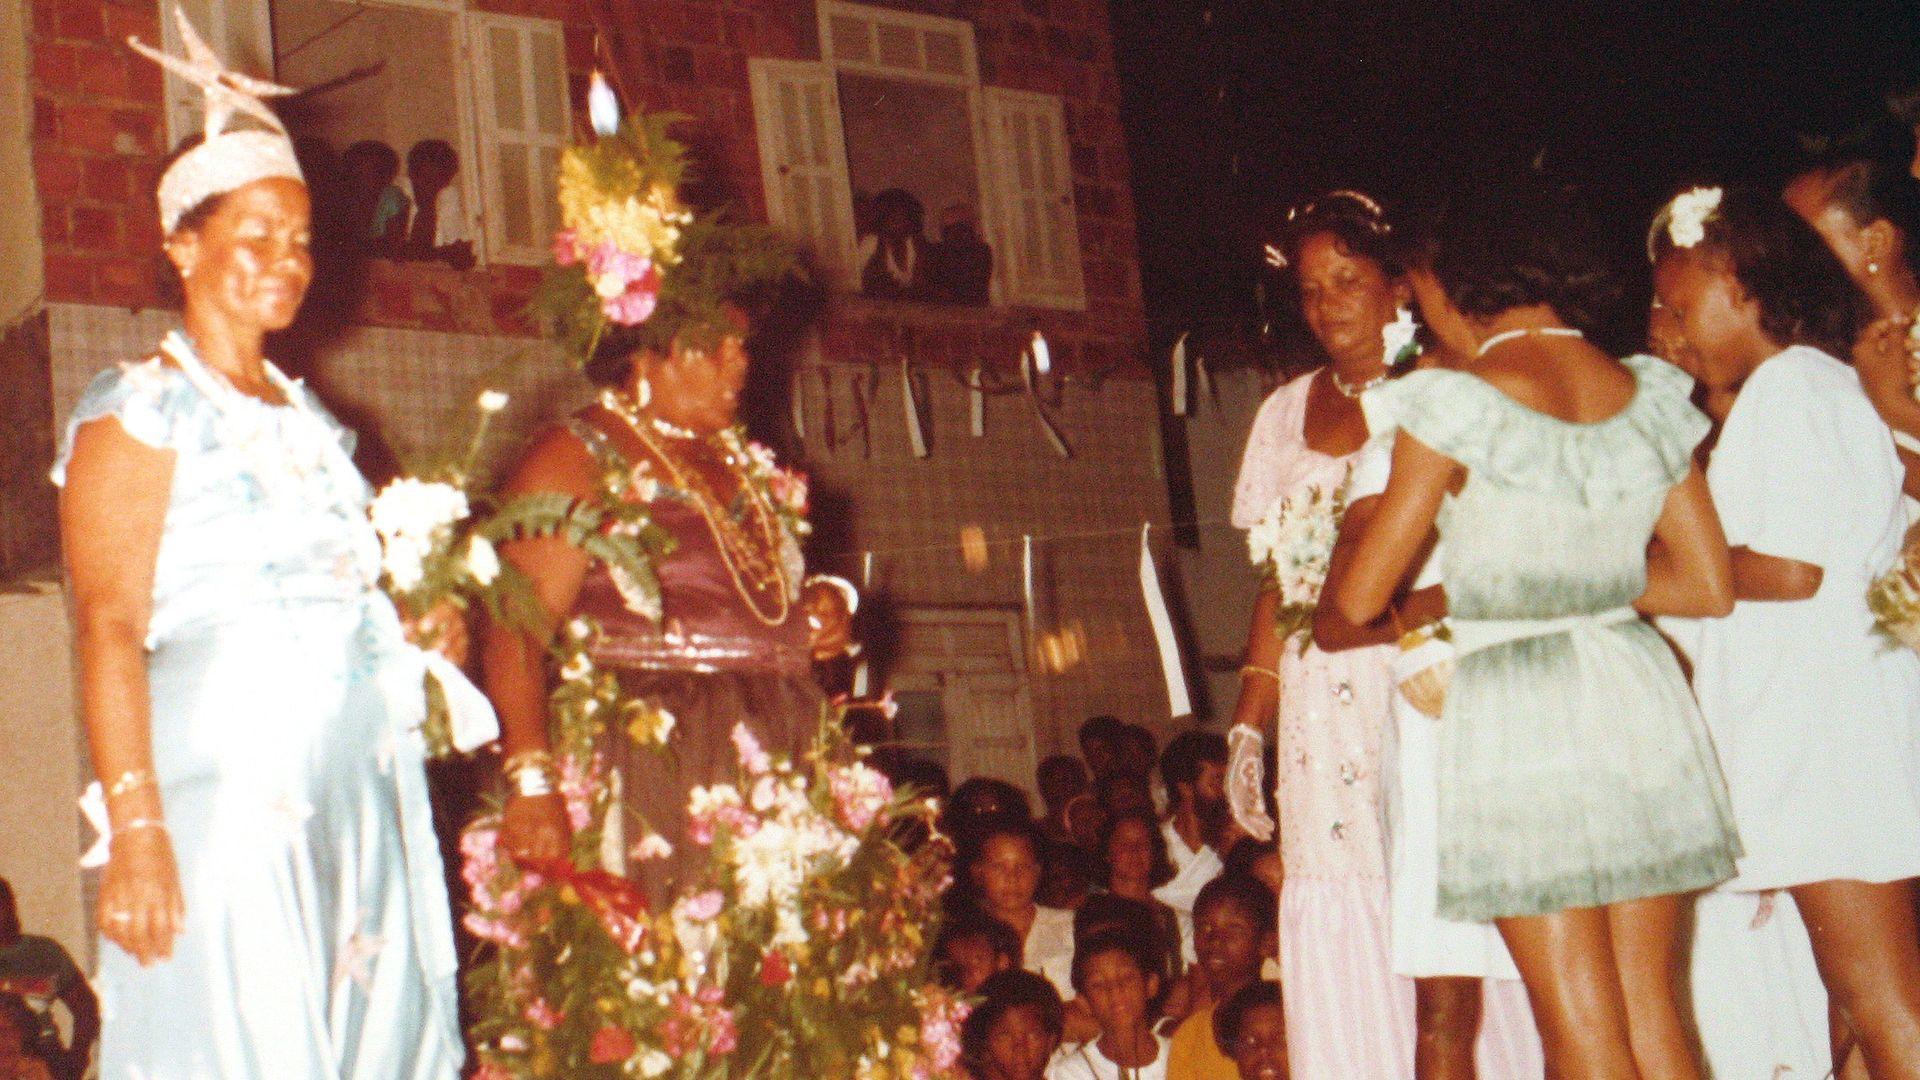 Encenação Rancho do Zé do Vale. Foto: Acervo da Associação Cultural As Ganhadeiras de Itapuã